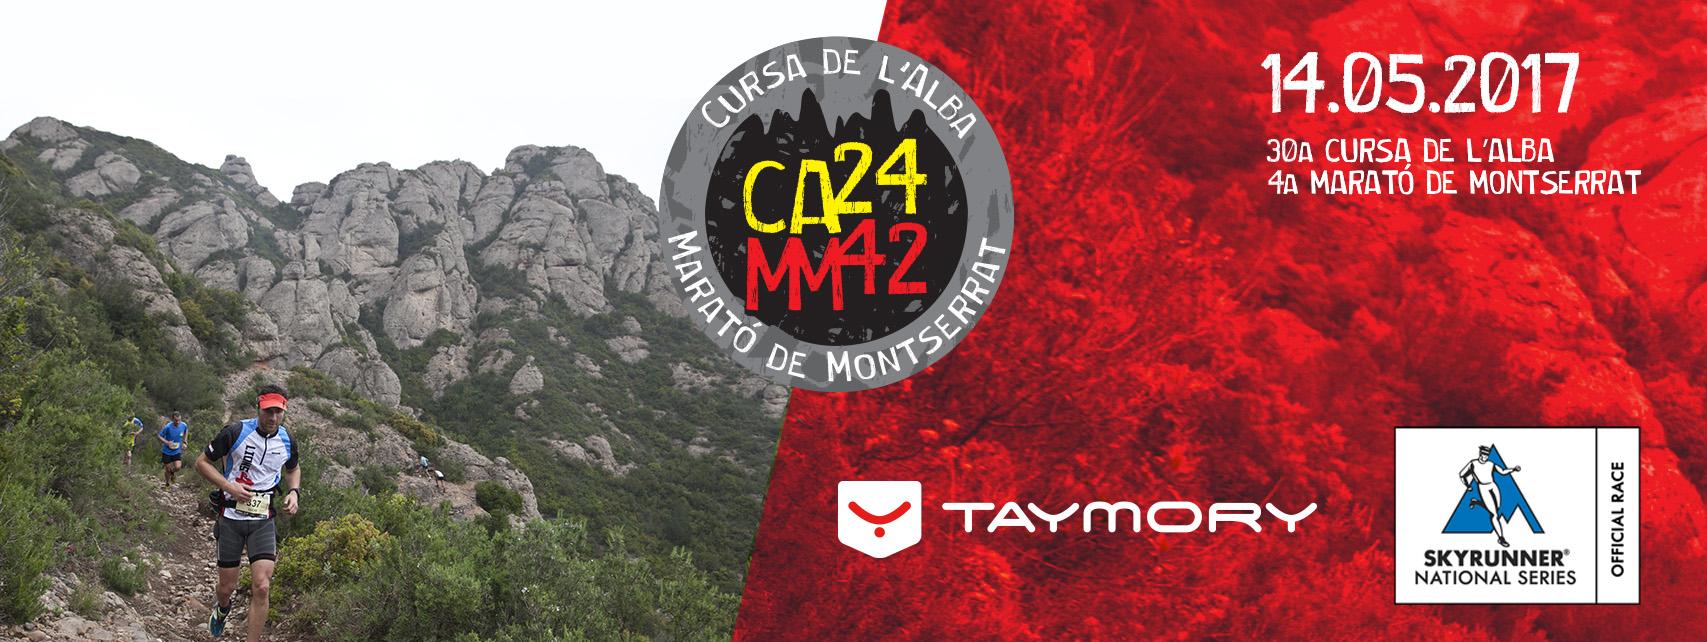 Mañana 17 de enero se abren inscripciones para la 30a edición de la Cursa de l'Alba y la IV Marató de Montserrat.